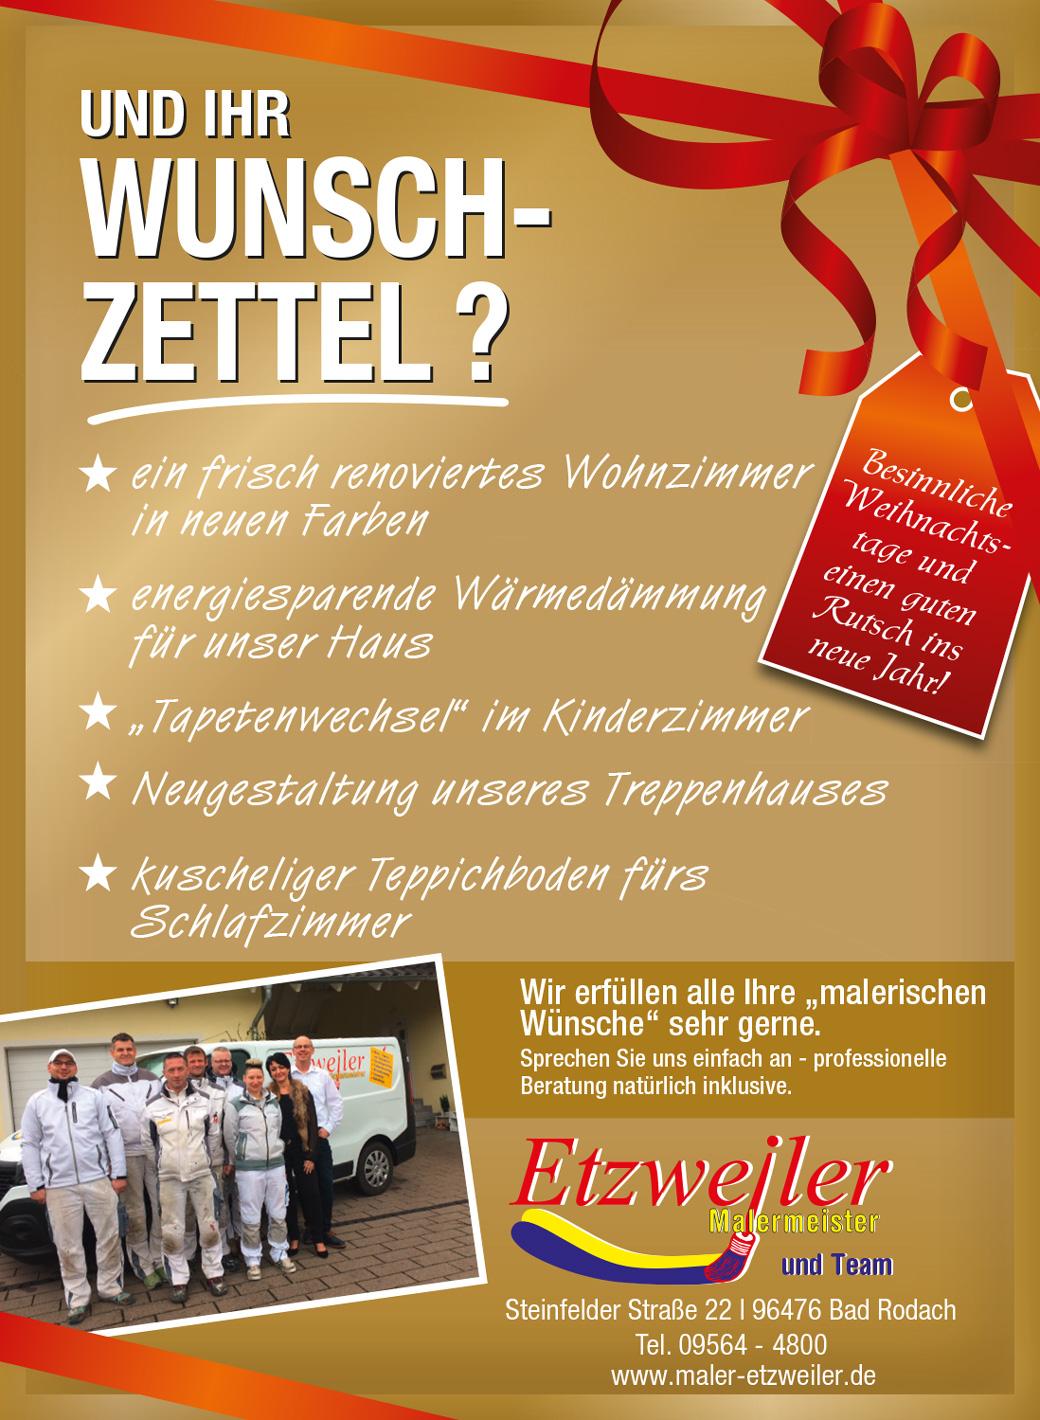 Wunschzettel 2018 - Malermeister Etzweiler